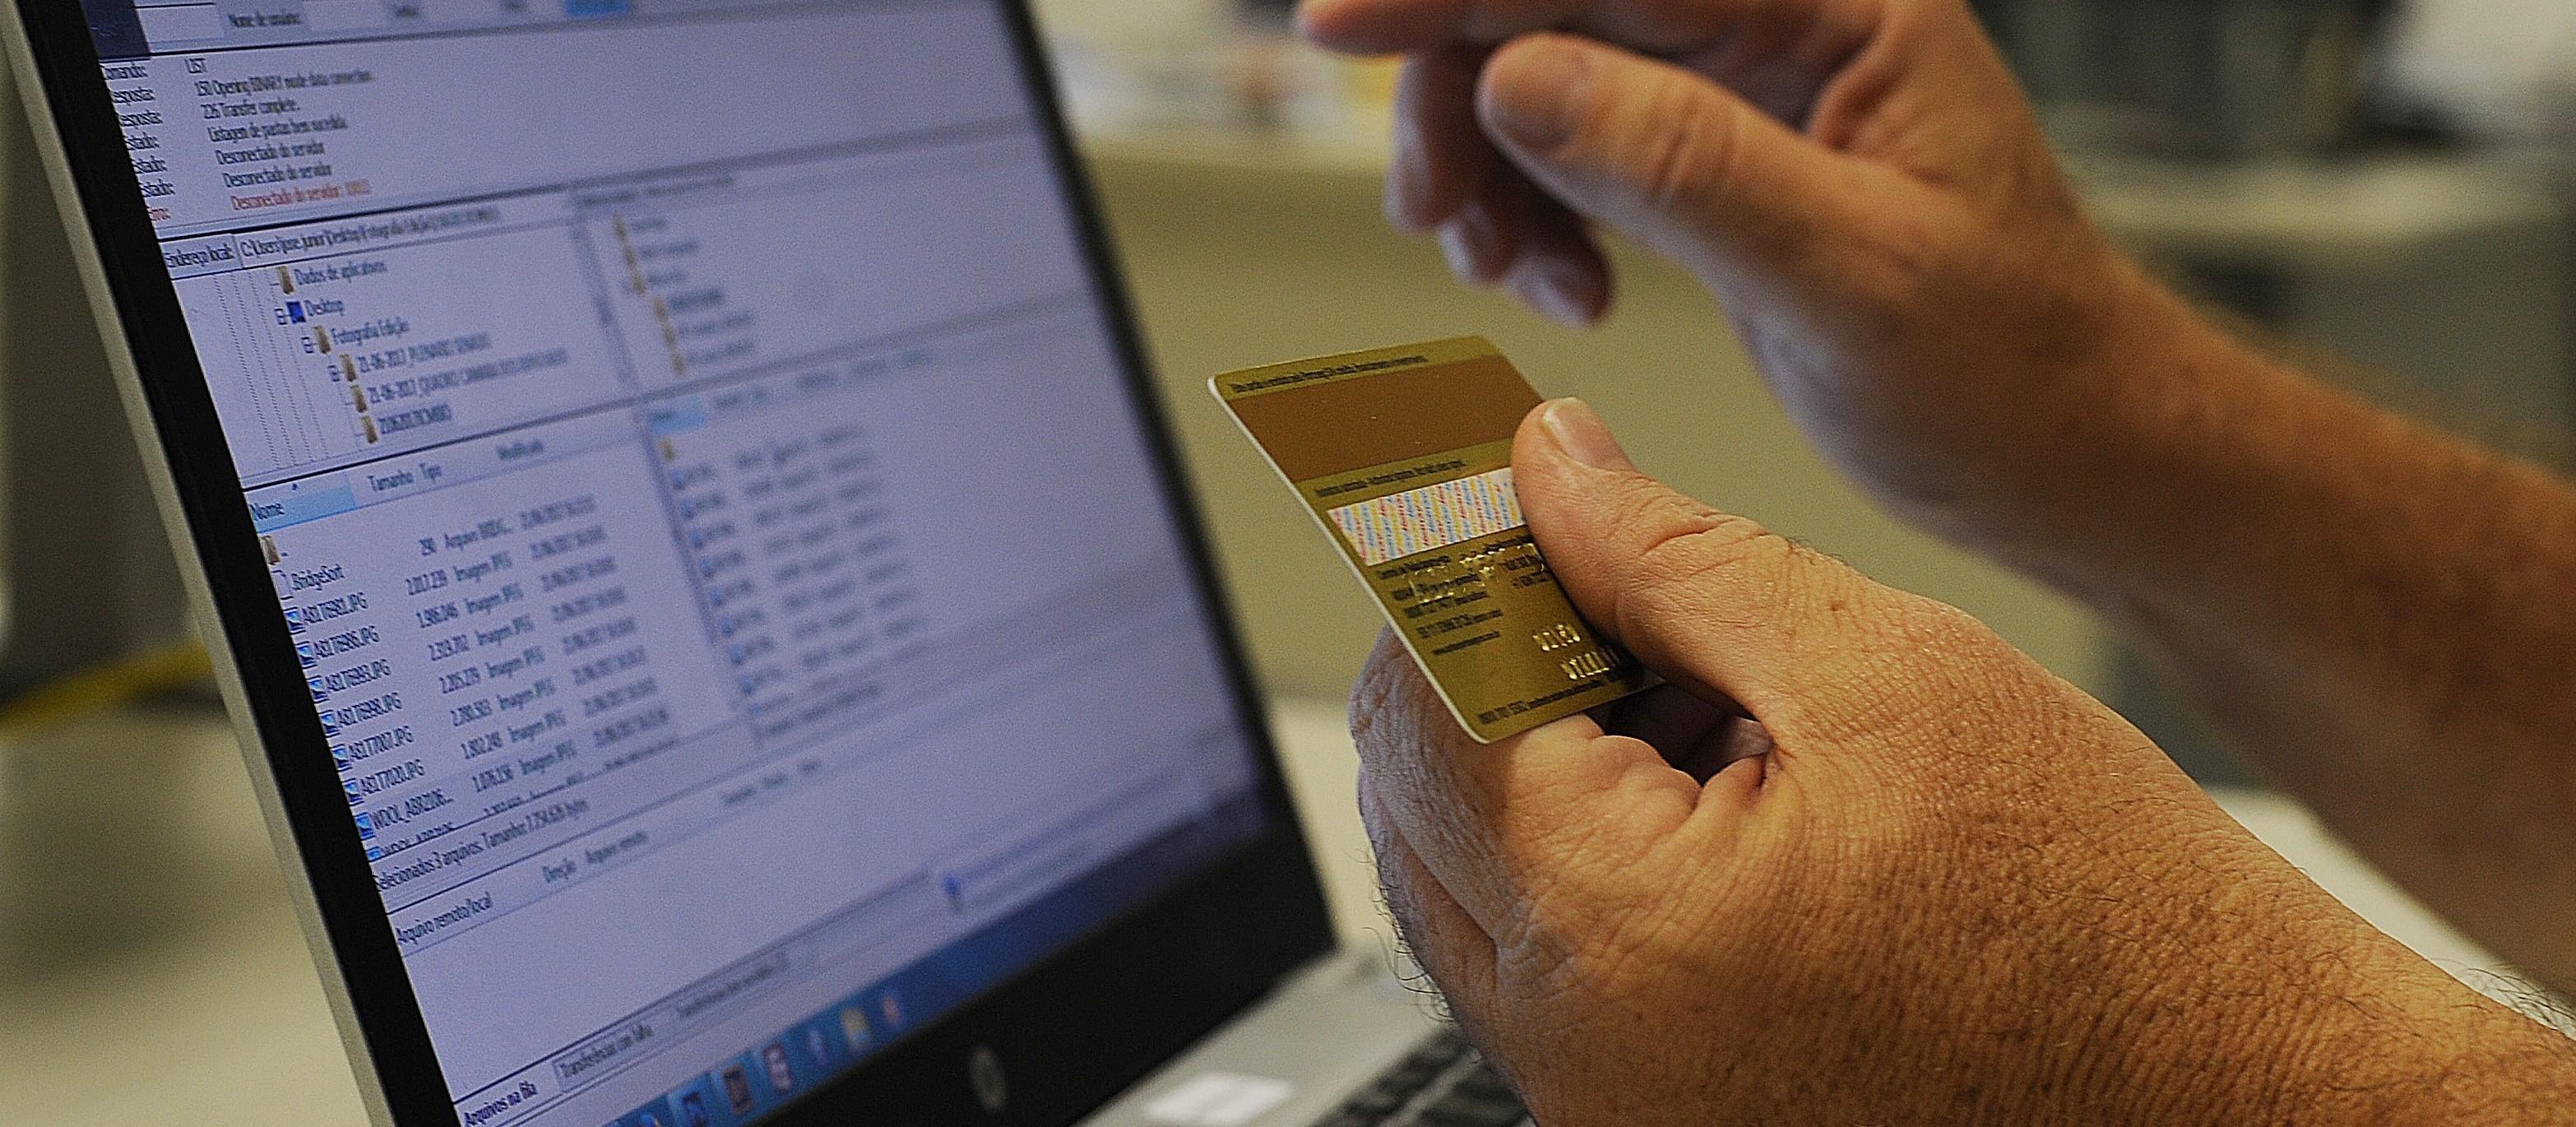 São Paulo é responsável por 49% das compras pela internet no país, diz relatório